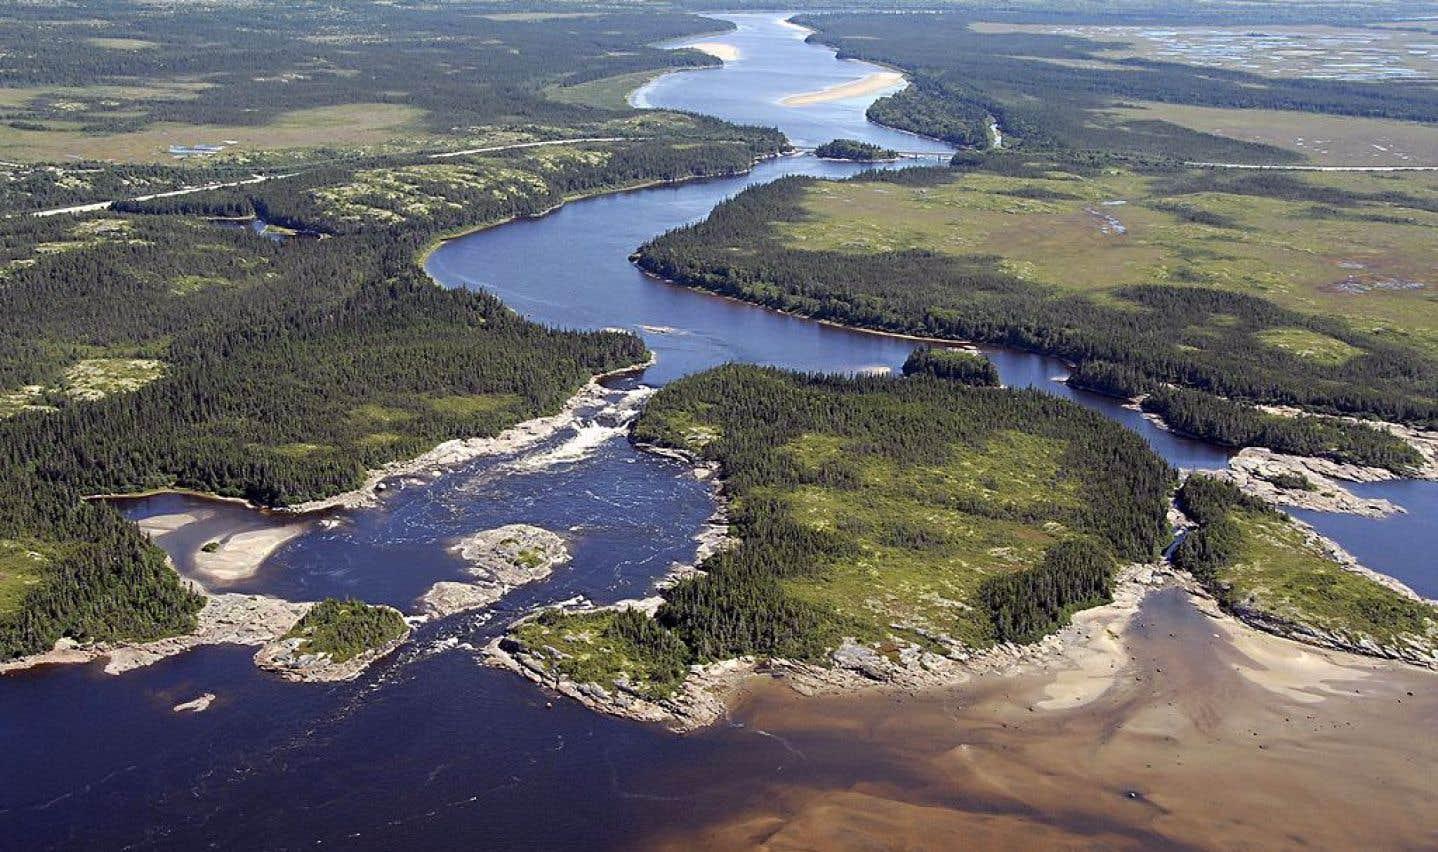 Les surplus d'Hydro-Québec sont une occasion, plaide le ministre Arcand